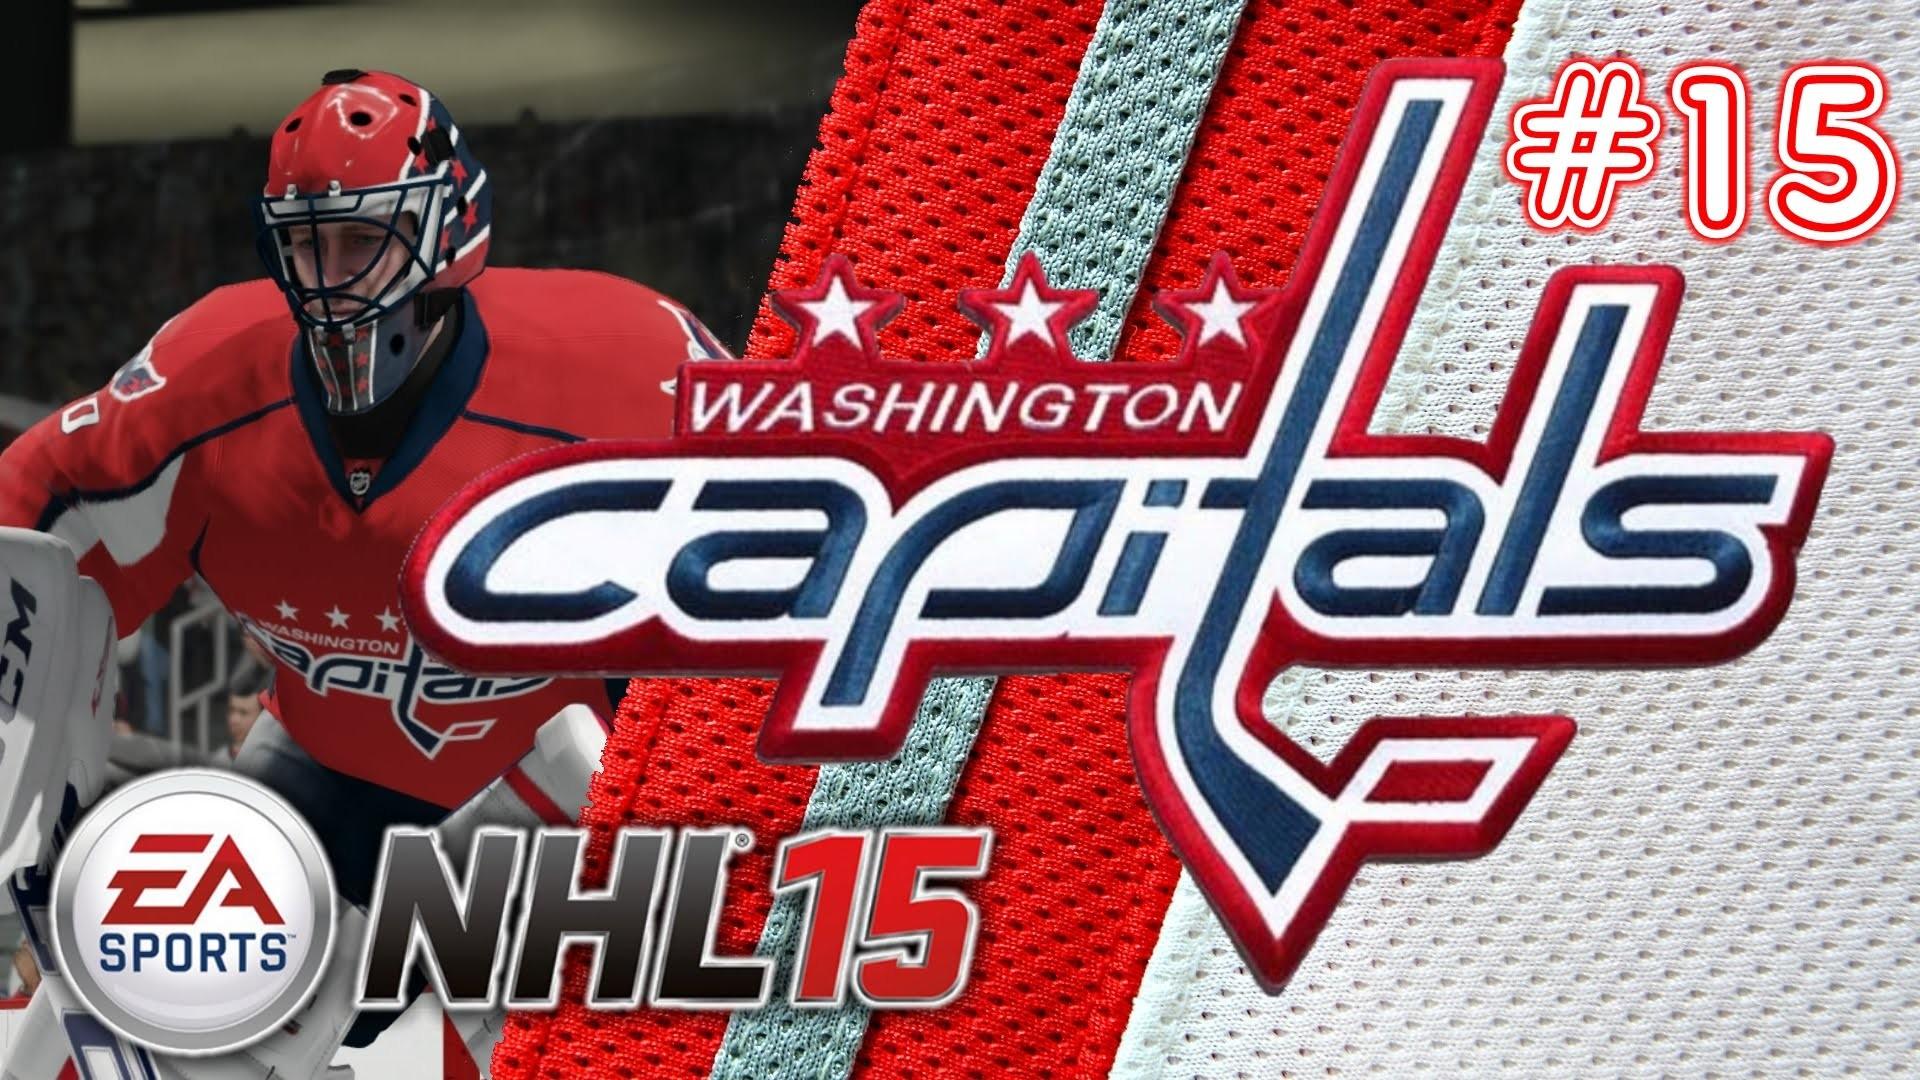 Washington Capitals Wallpaper #710